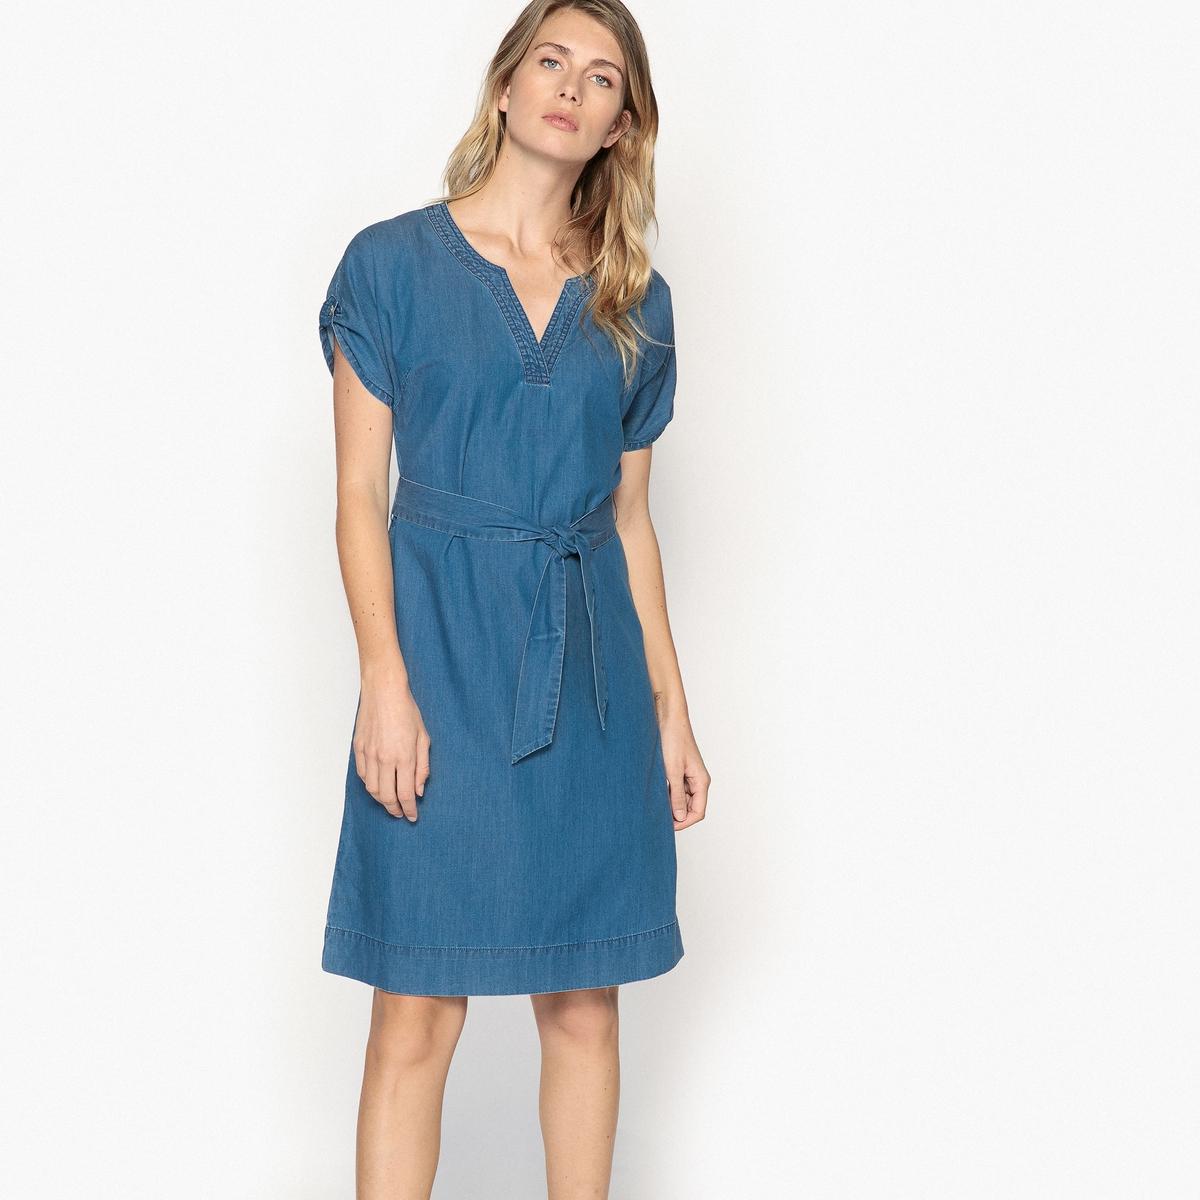 Платье прямое из струящейся джинсовой ткани с короткими рукавами платье из струящейся ткани 100% вискозы